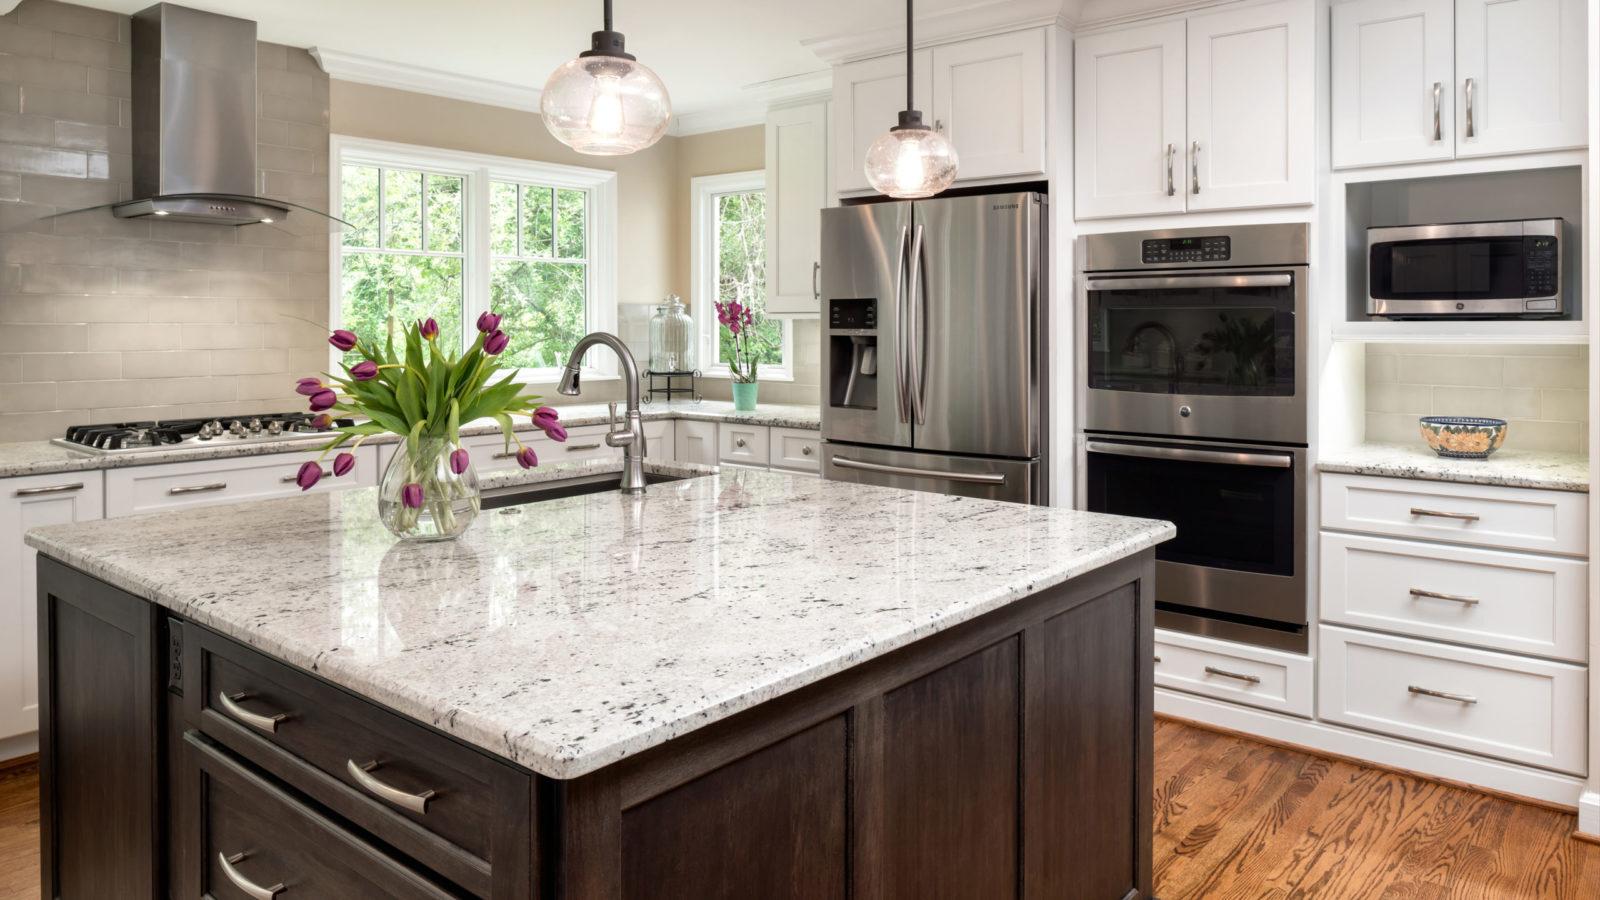 sedgefield-kitchen-addition-remodel